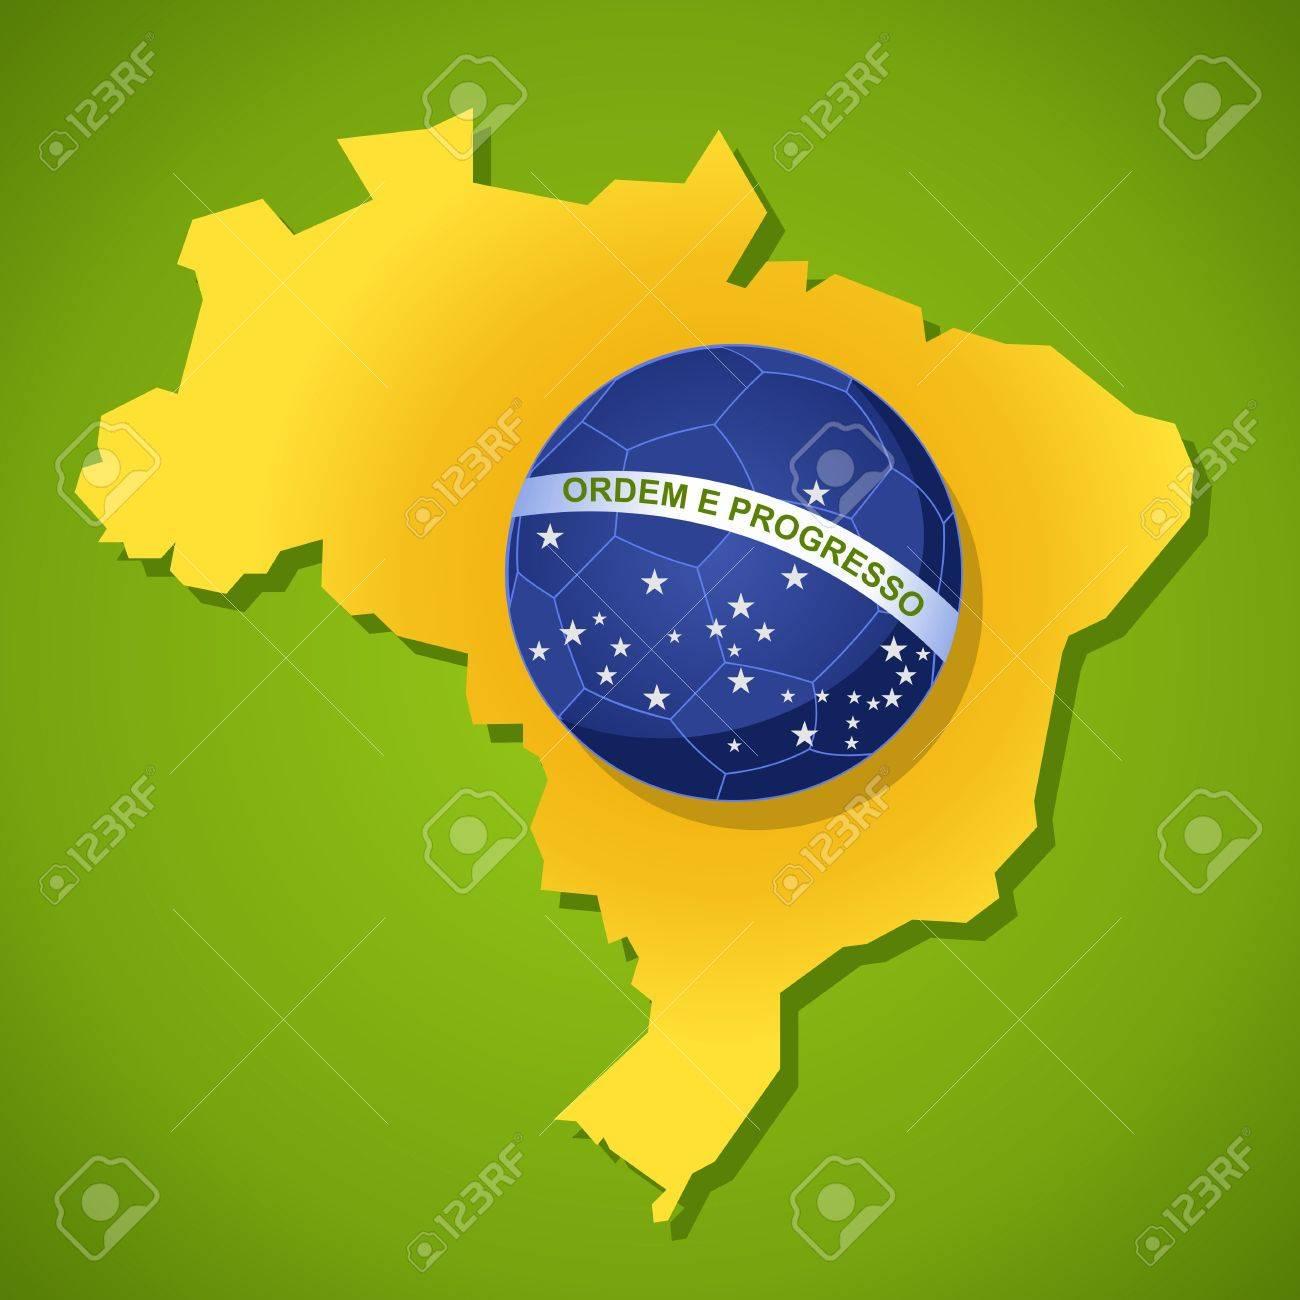 Brasilien Karte Welt.Stock Photo